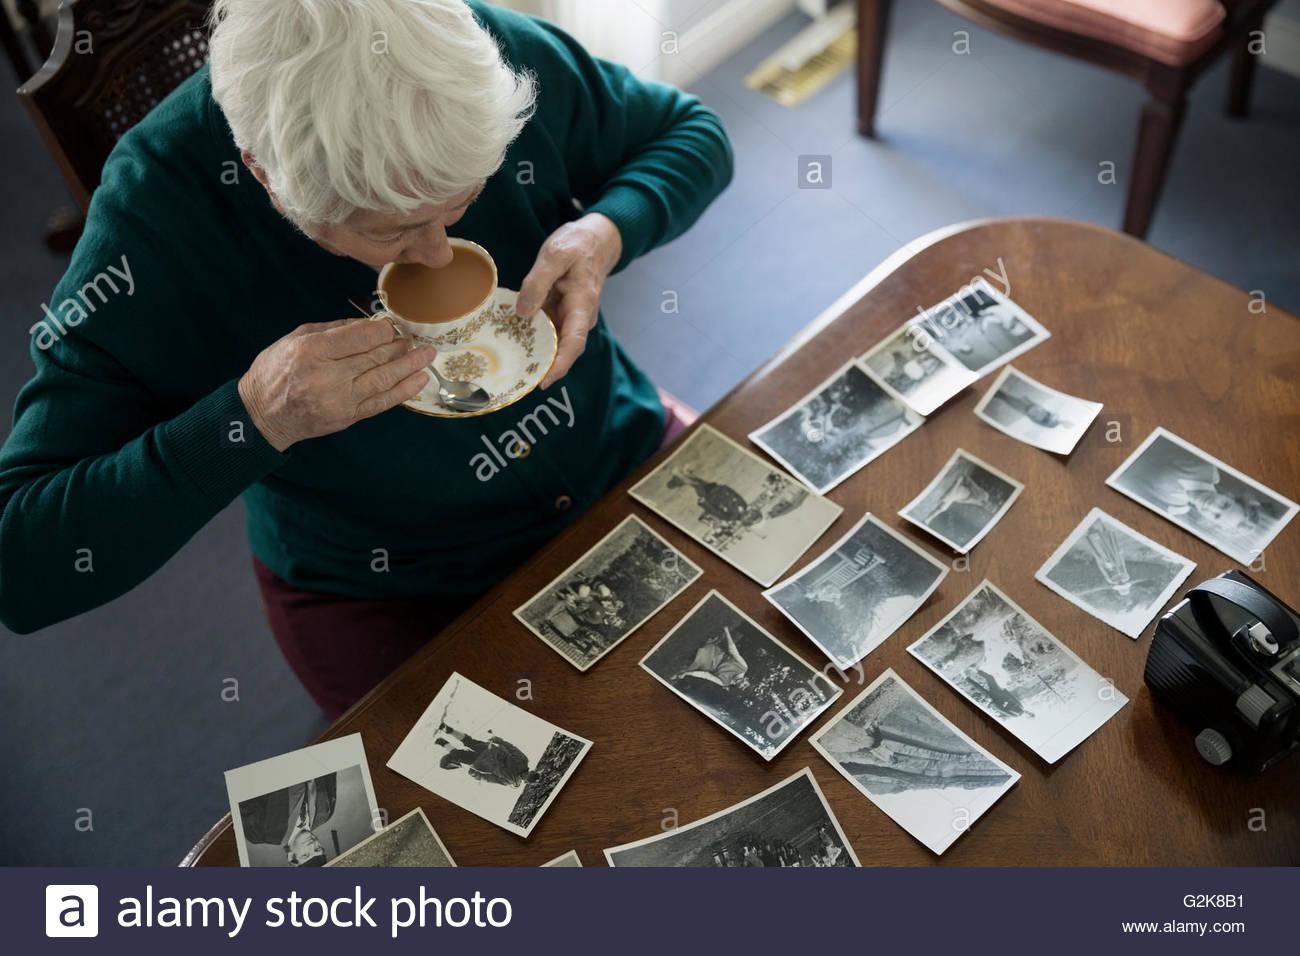 Les femmes âgées de boire du thé et en regardant des photographies anciennes Photo Stock